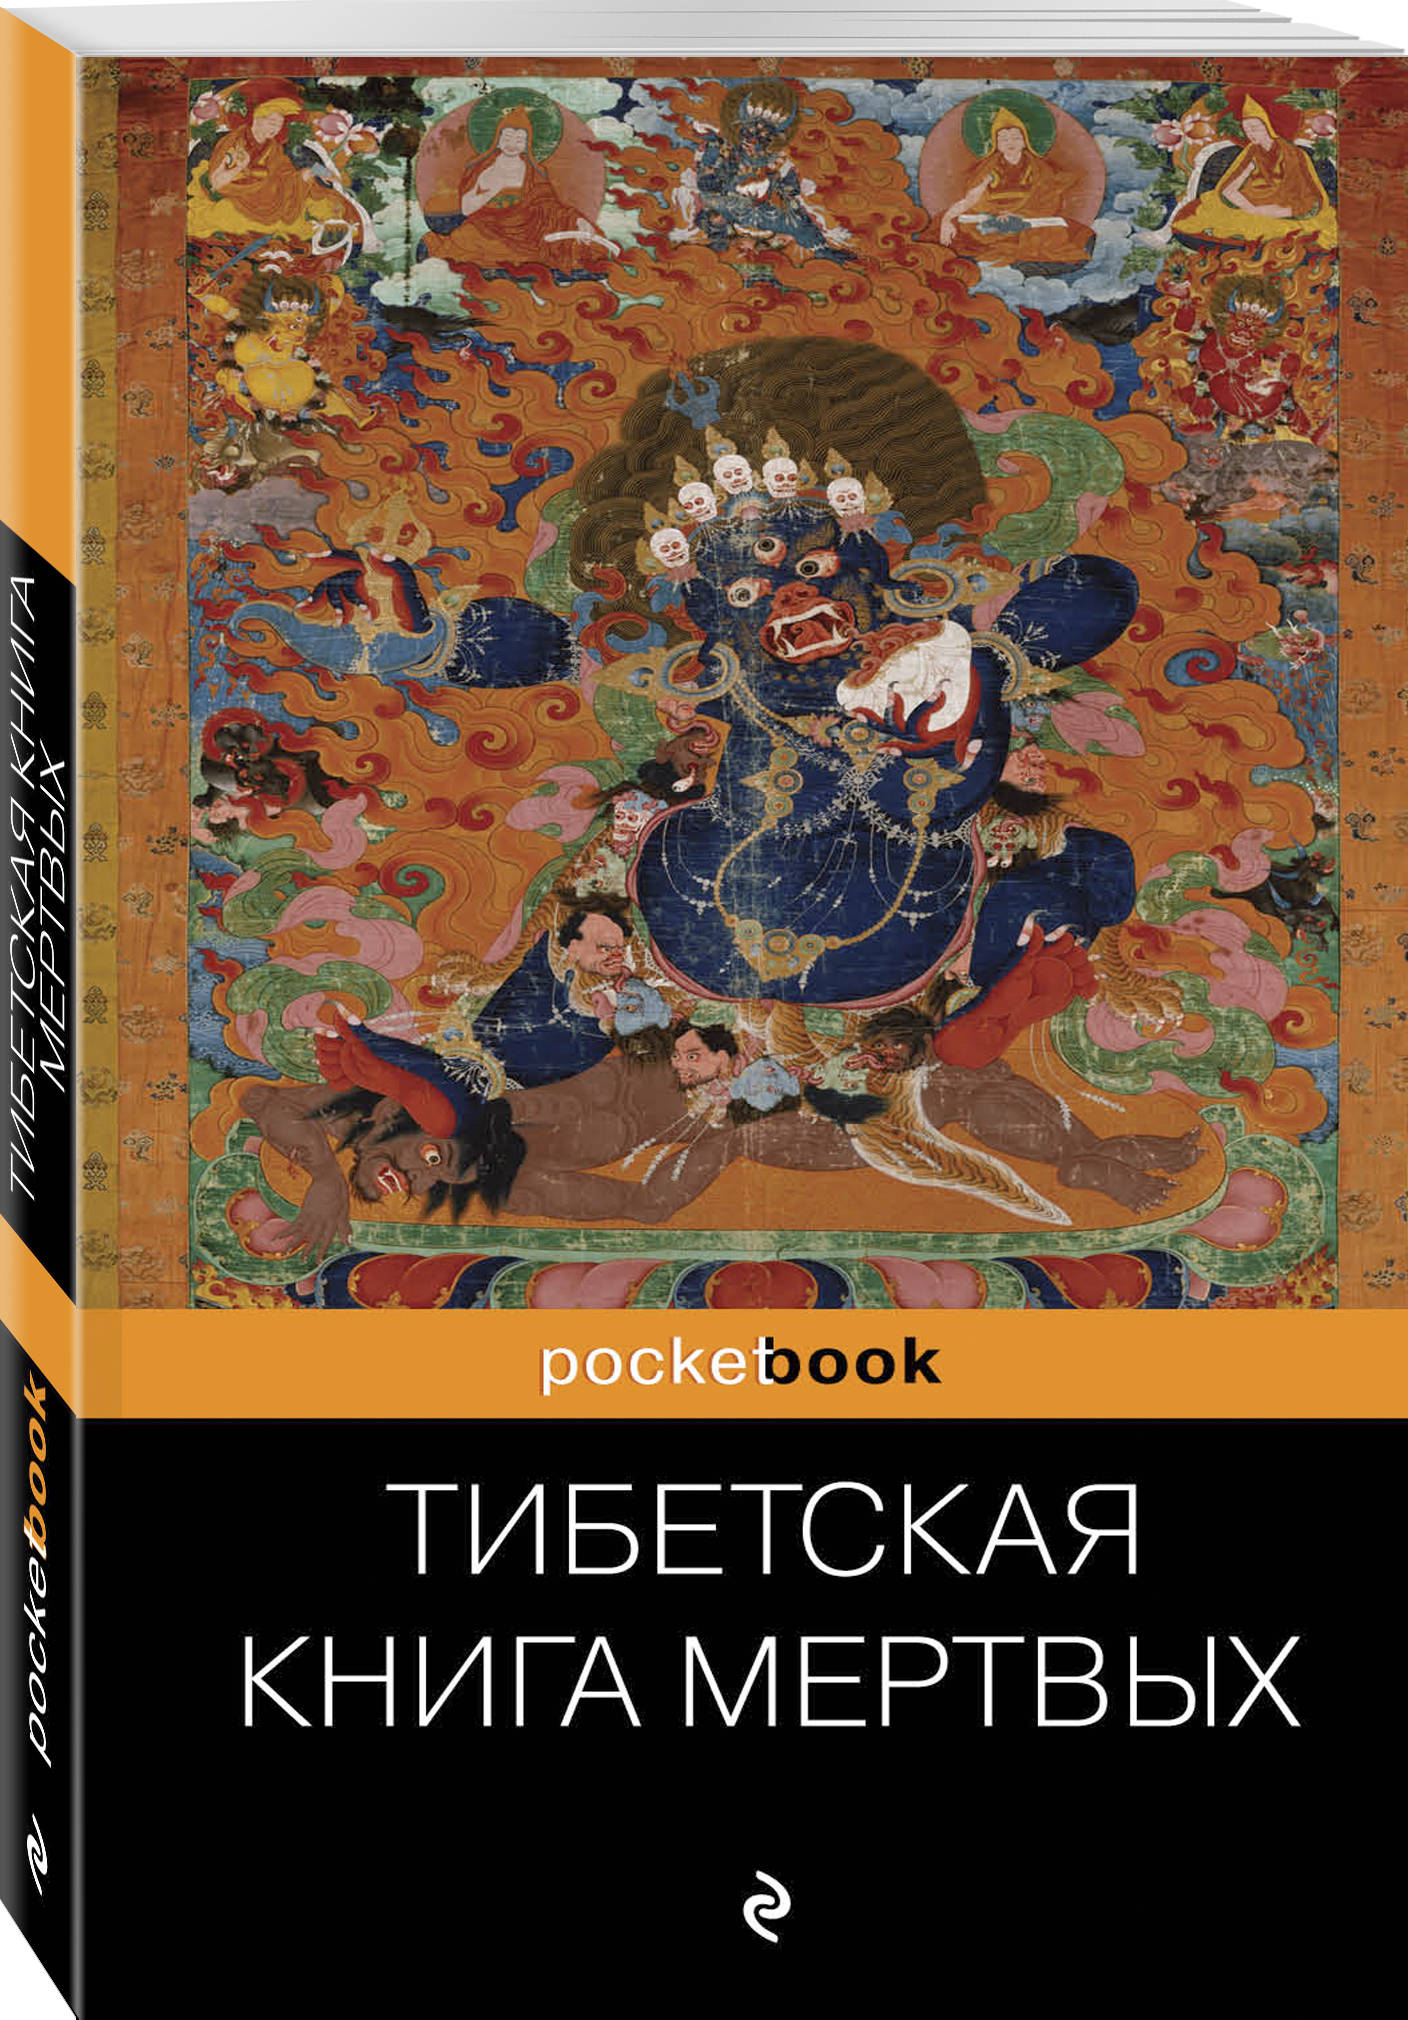 савитри легенда и символ книга 4 книга рождения и поиска песнь 1 рождение пламени Тибетская Книга Мертвых